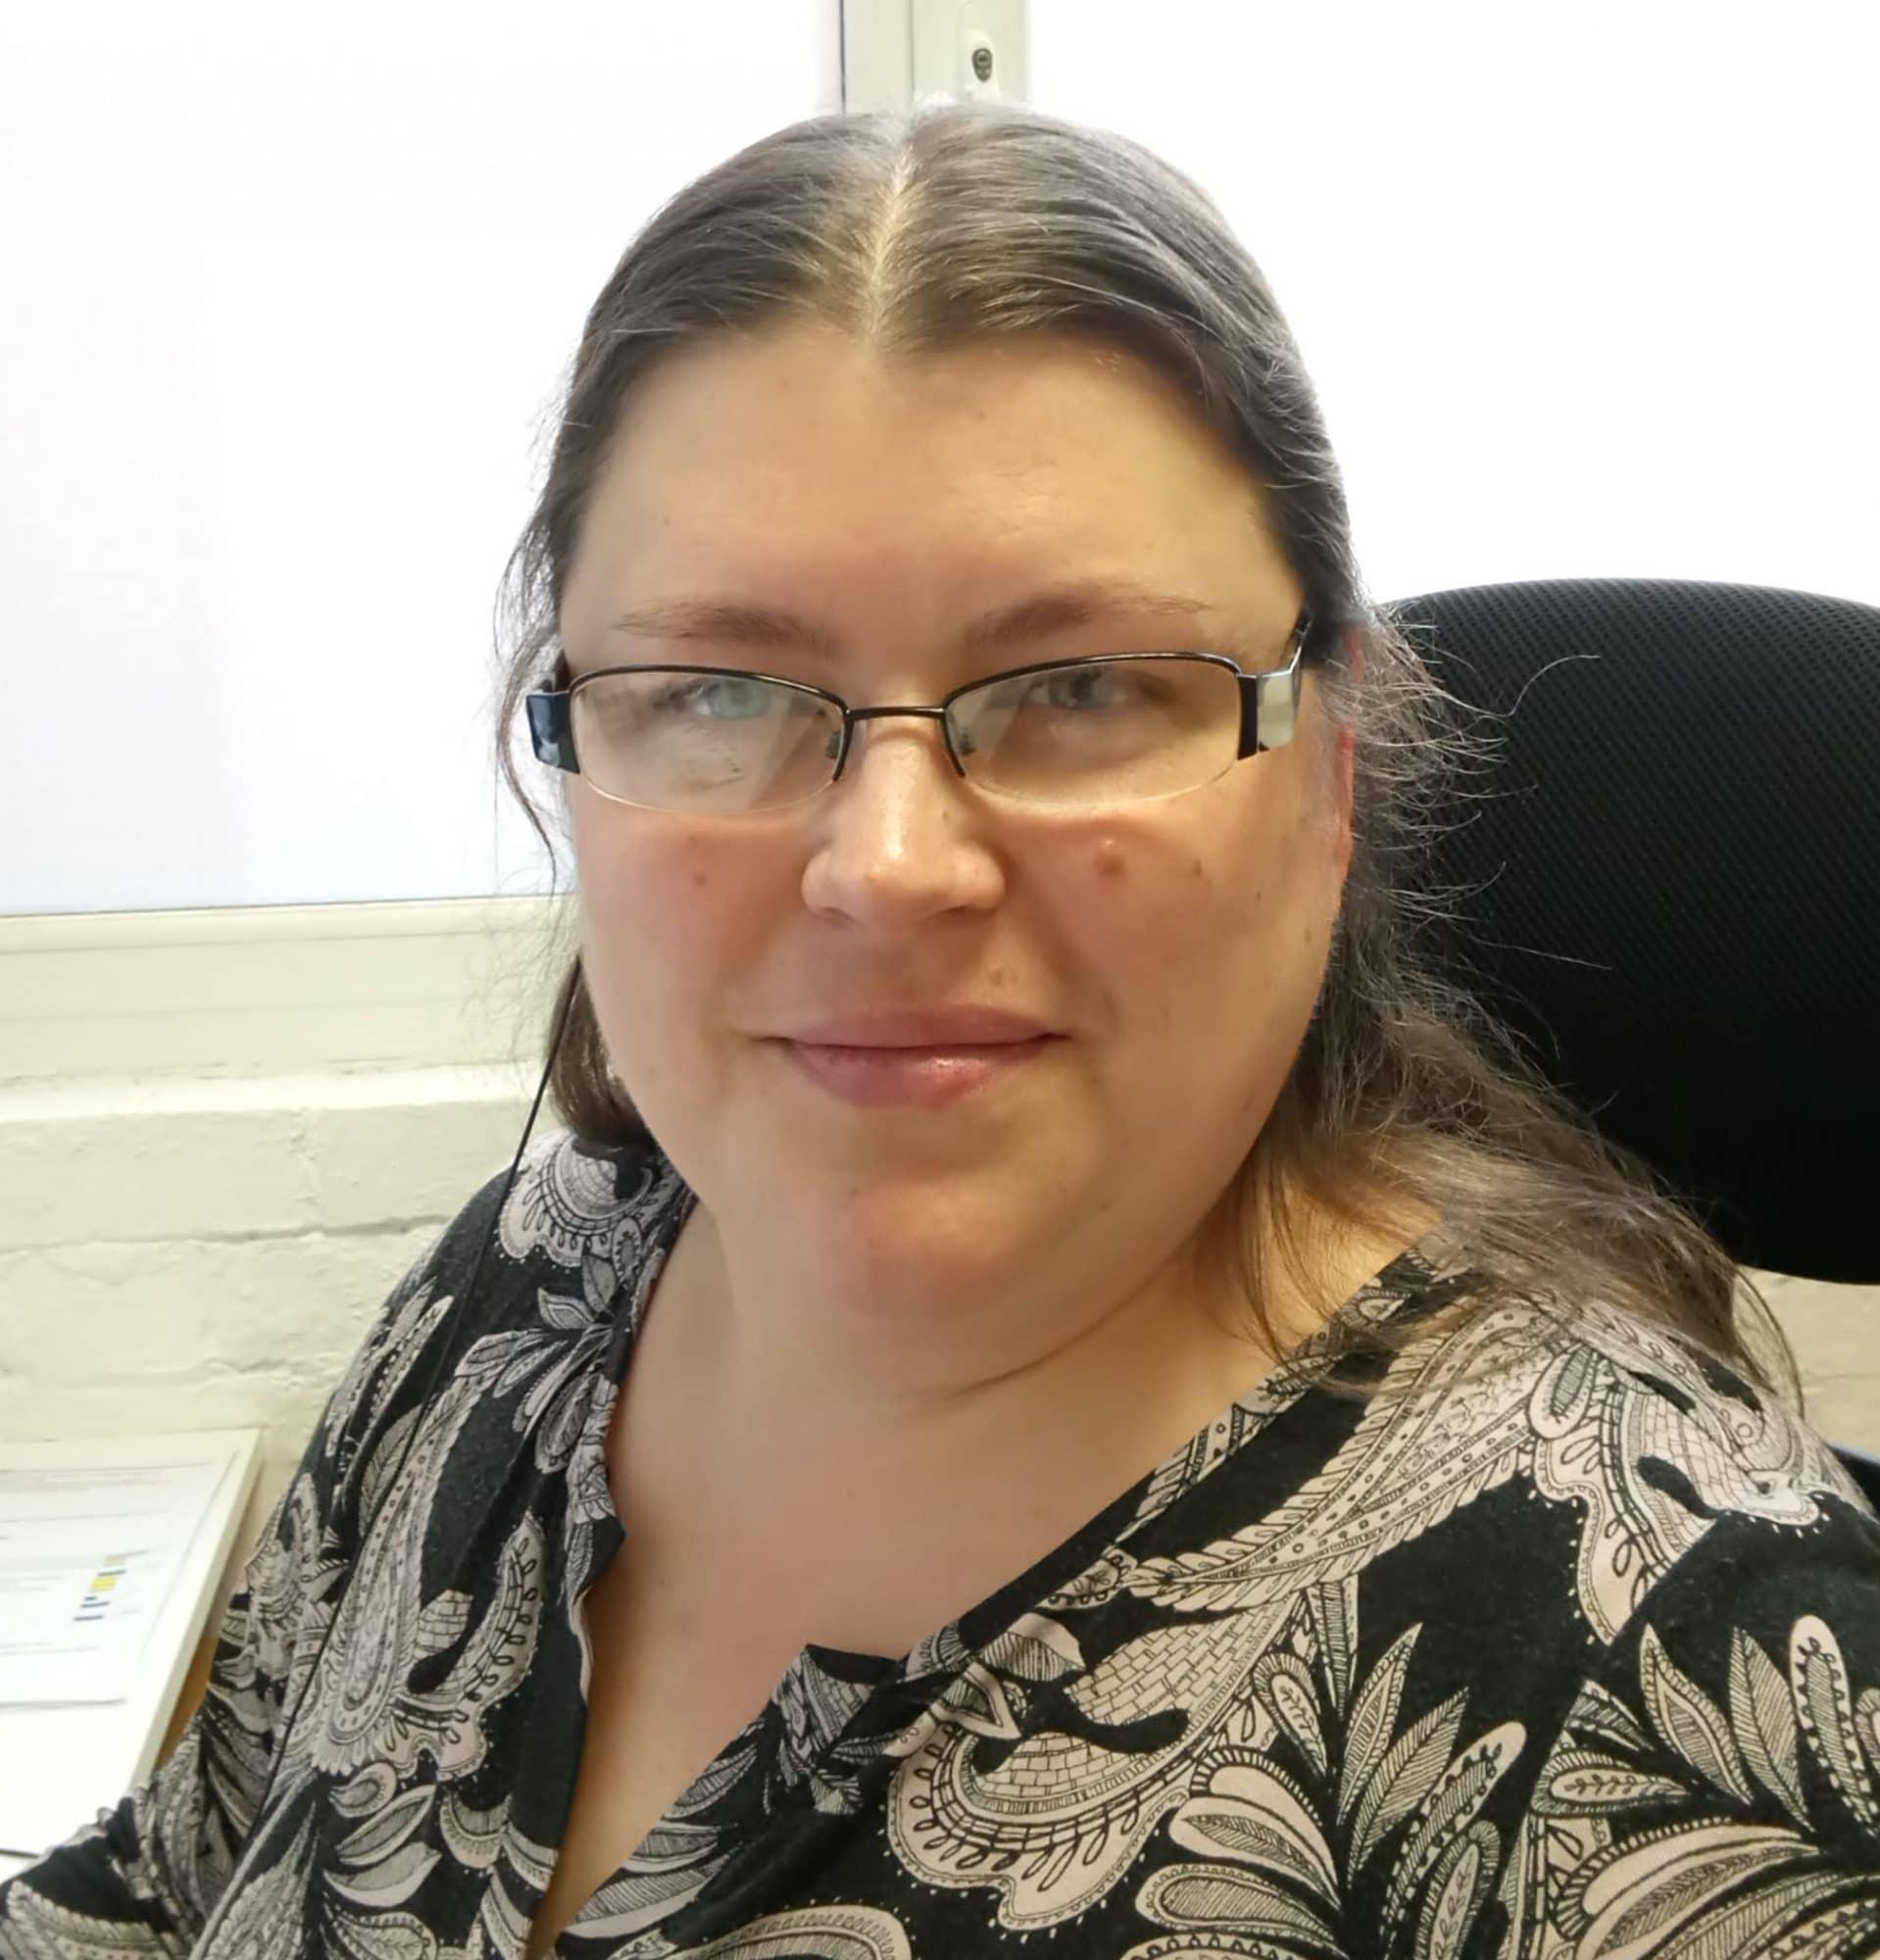 Charlotte Broomfield